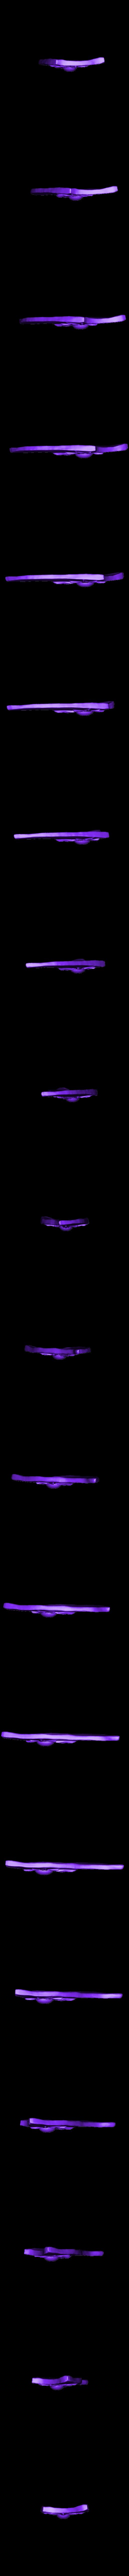 shield_v2.stl Télécharger fichier STL gratuit Infatrie des elfes / Miniatures des lanciers • Plan imprimable en 3D, Ilhadiel